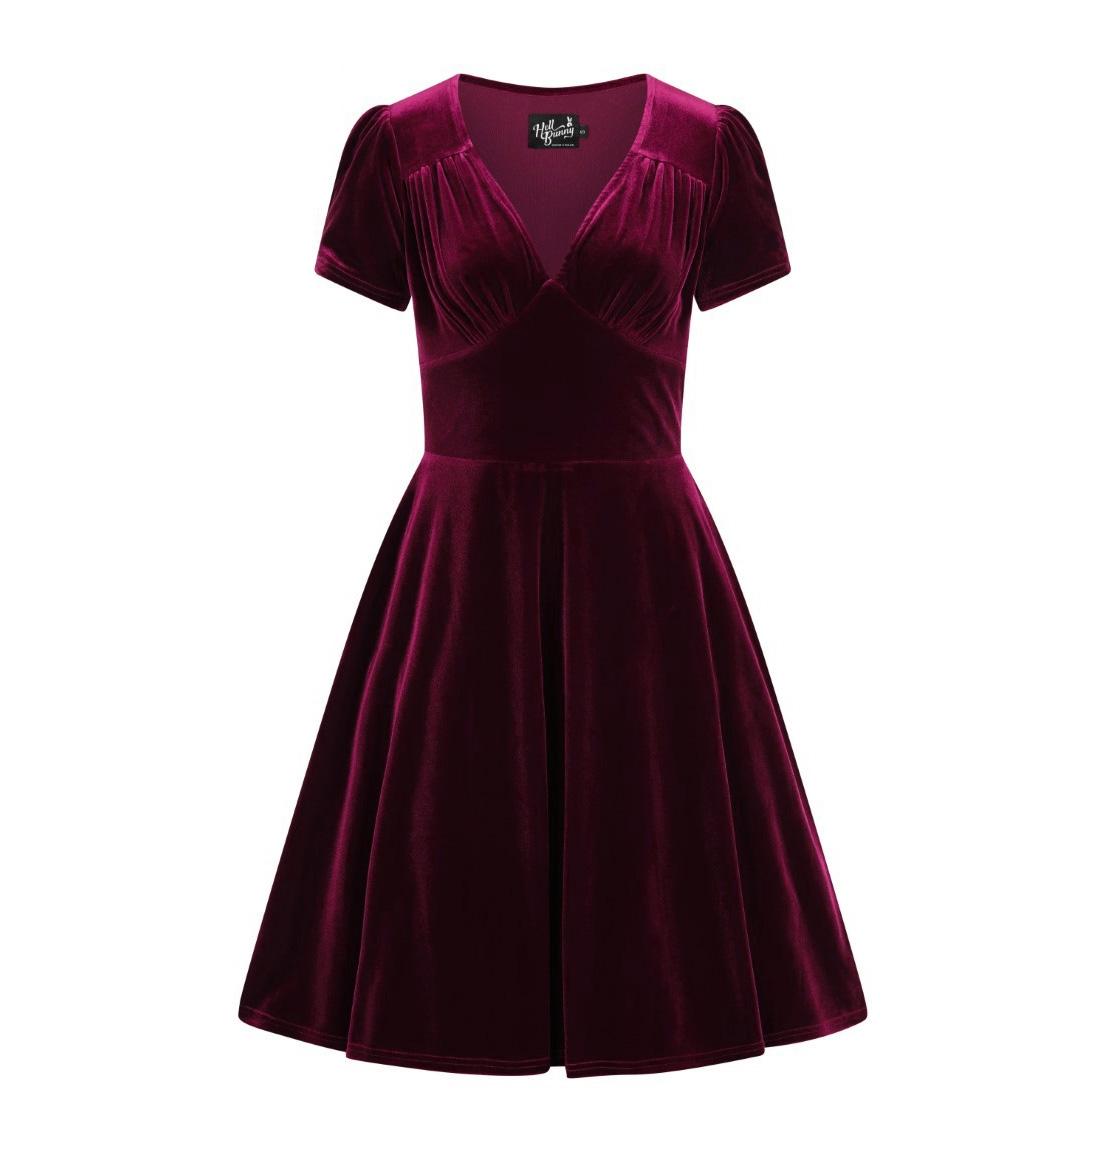 Hell-Bunny-40s-50s-Elegant-Pin-Up-Dress-JOANNE-Crushed-Velvet-Burgundy-All-Sizes thumbnail 35